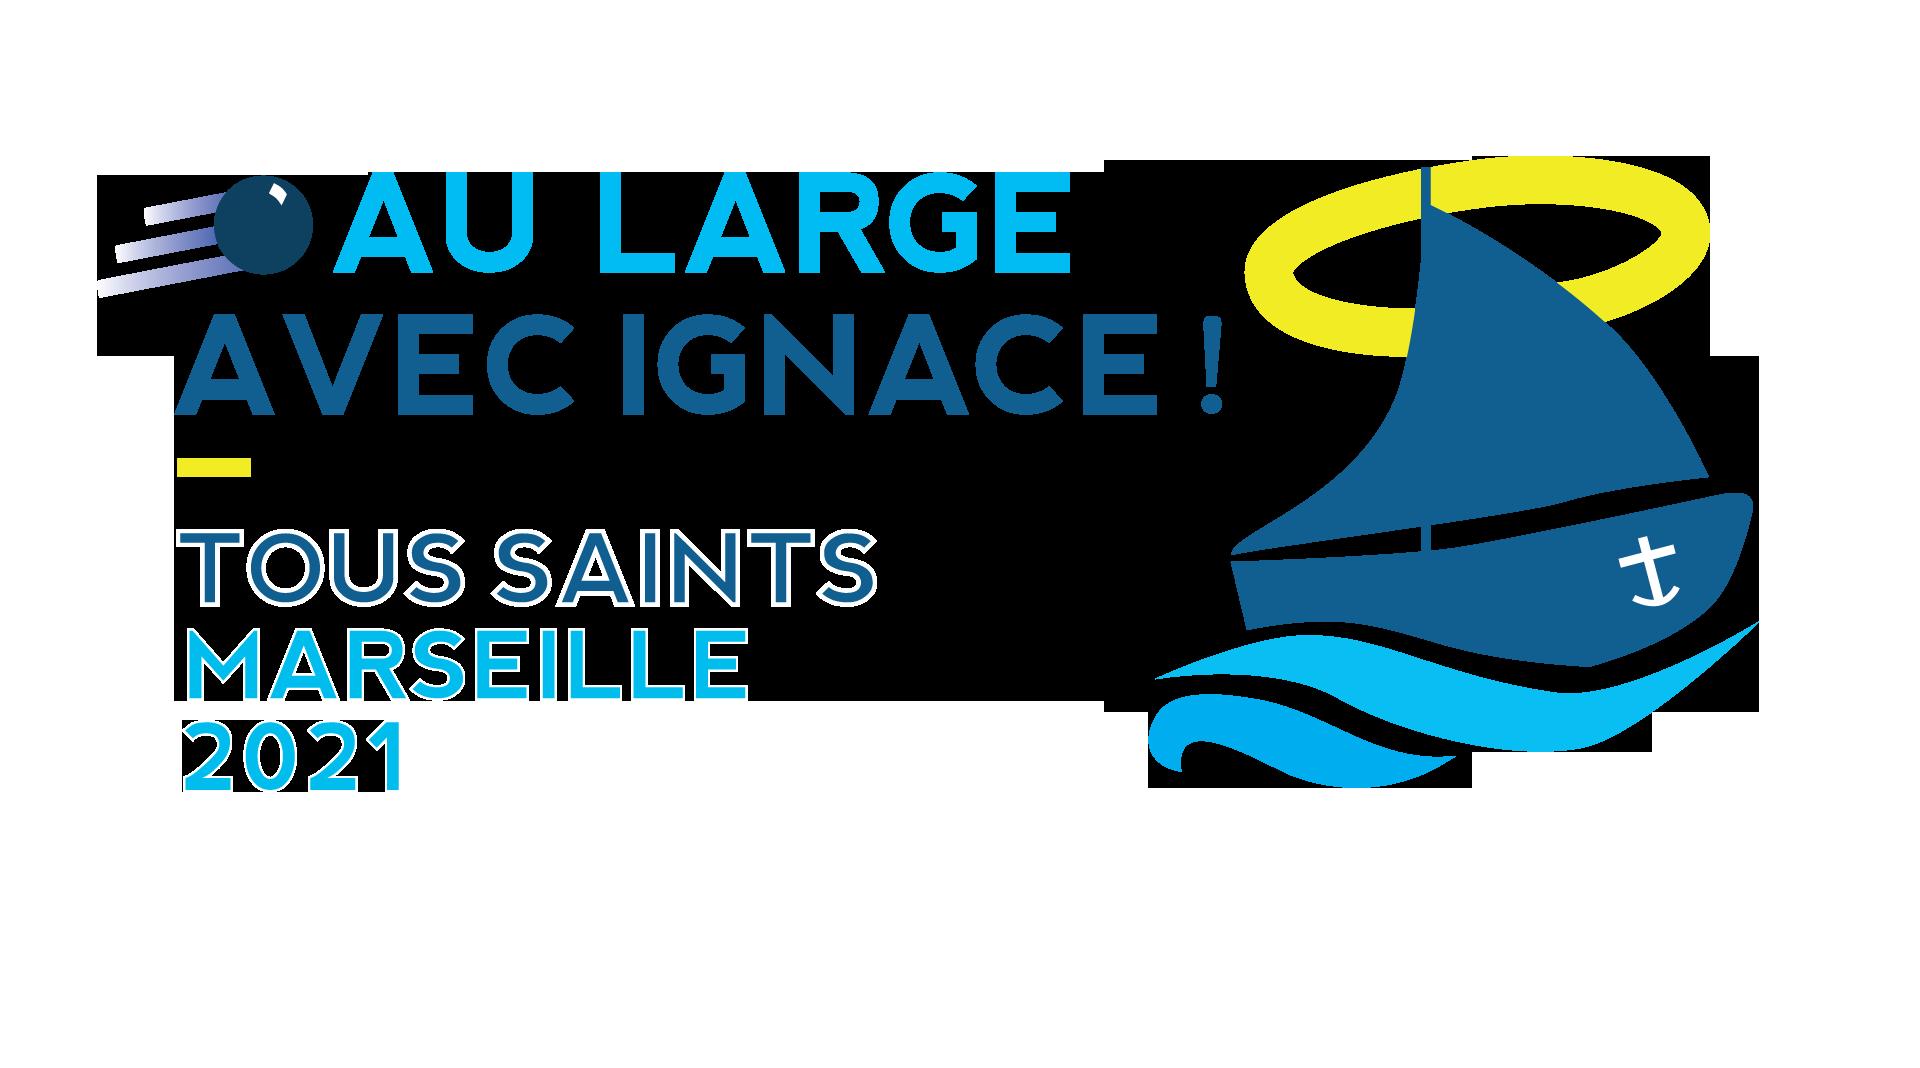 Logo Ignace 2021